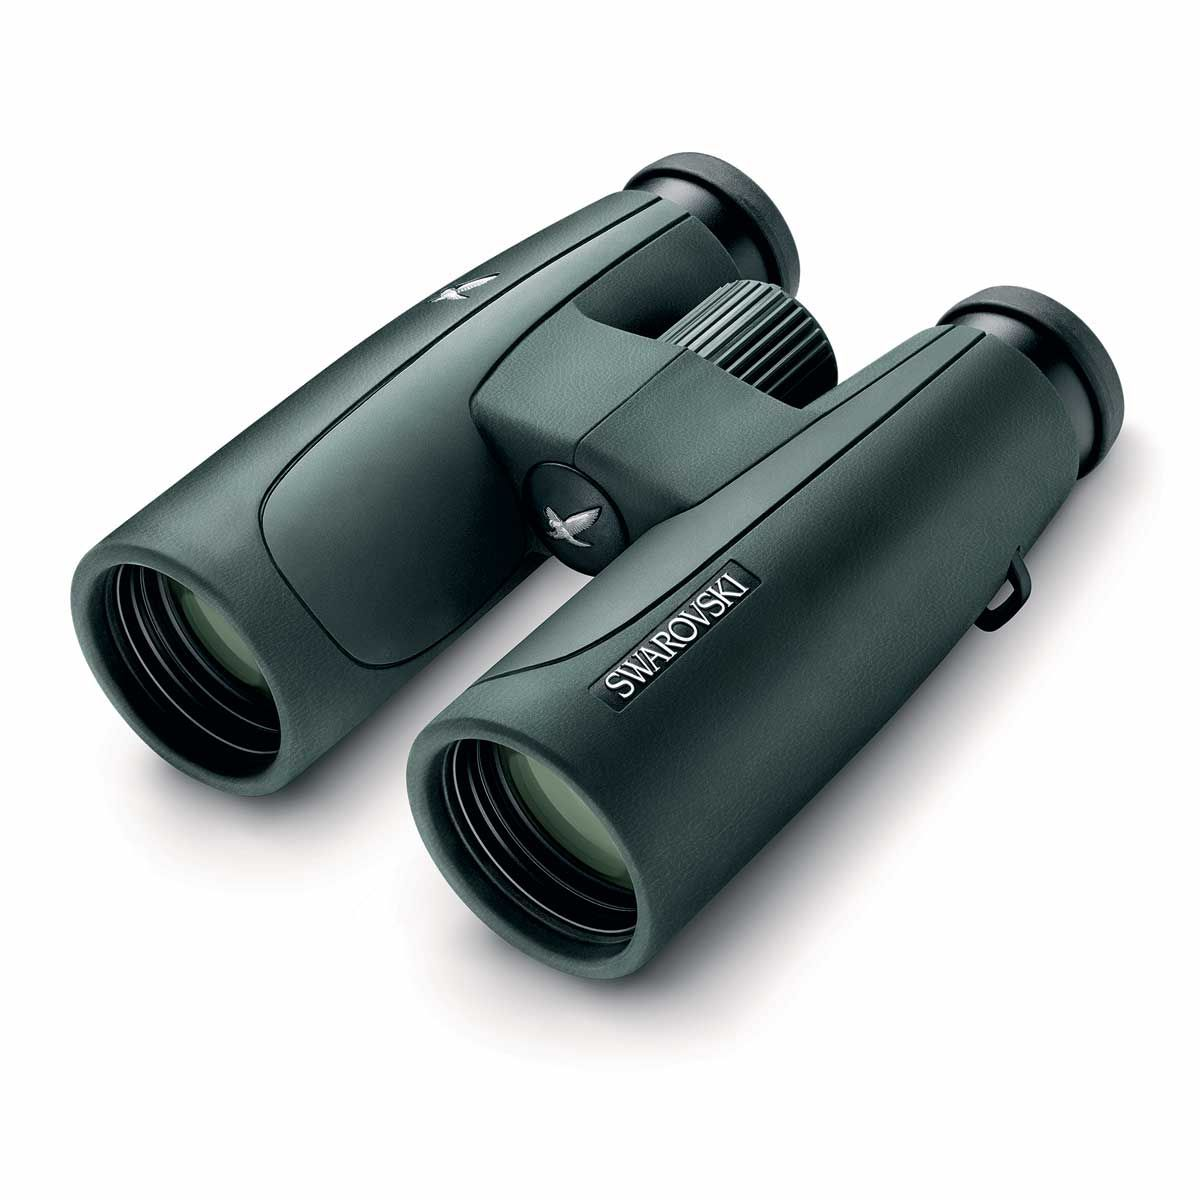 19 望远镜ideas Binoculars Monoculars Binoculars For Kids